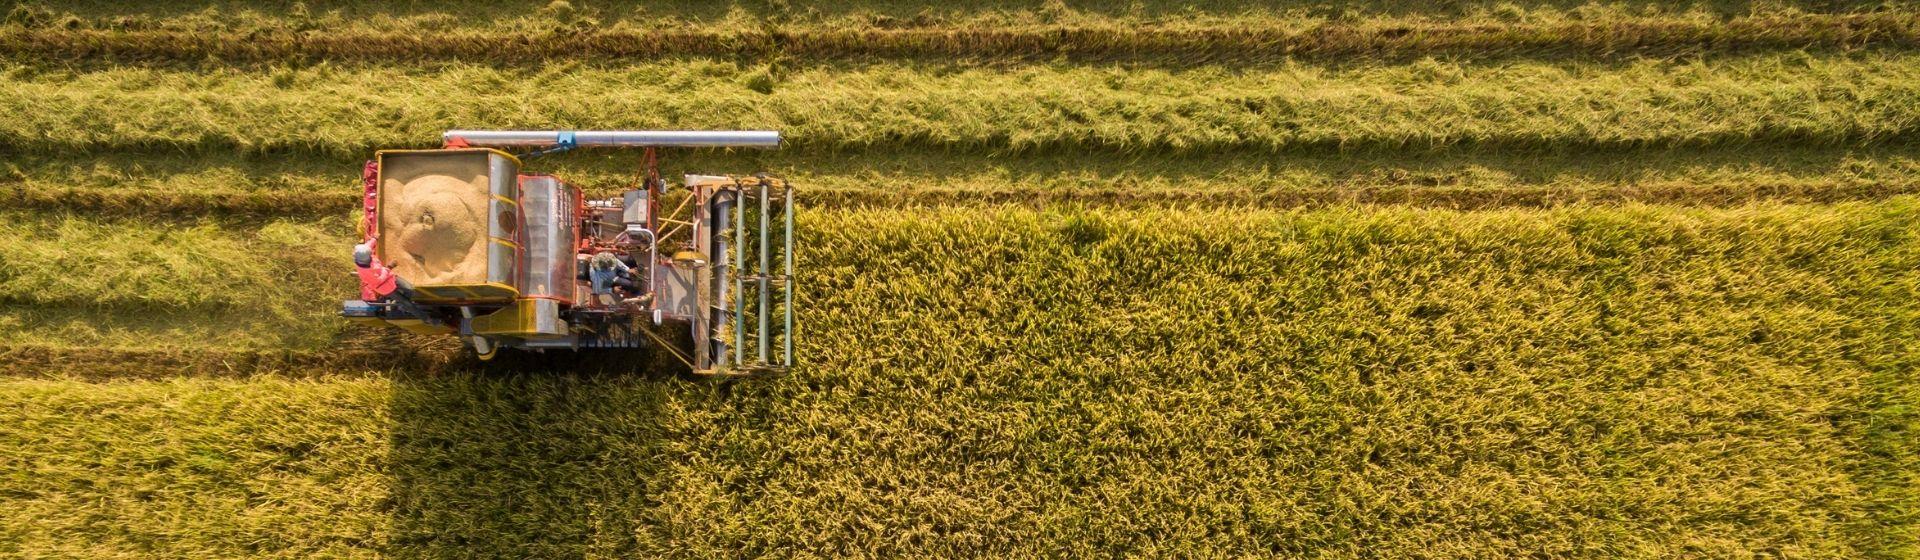 Genética del siglo XXI para el agro colombiano en cultivos de arroz